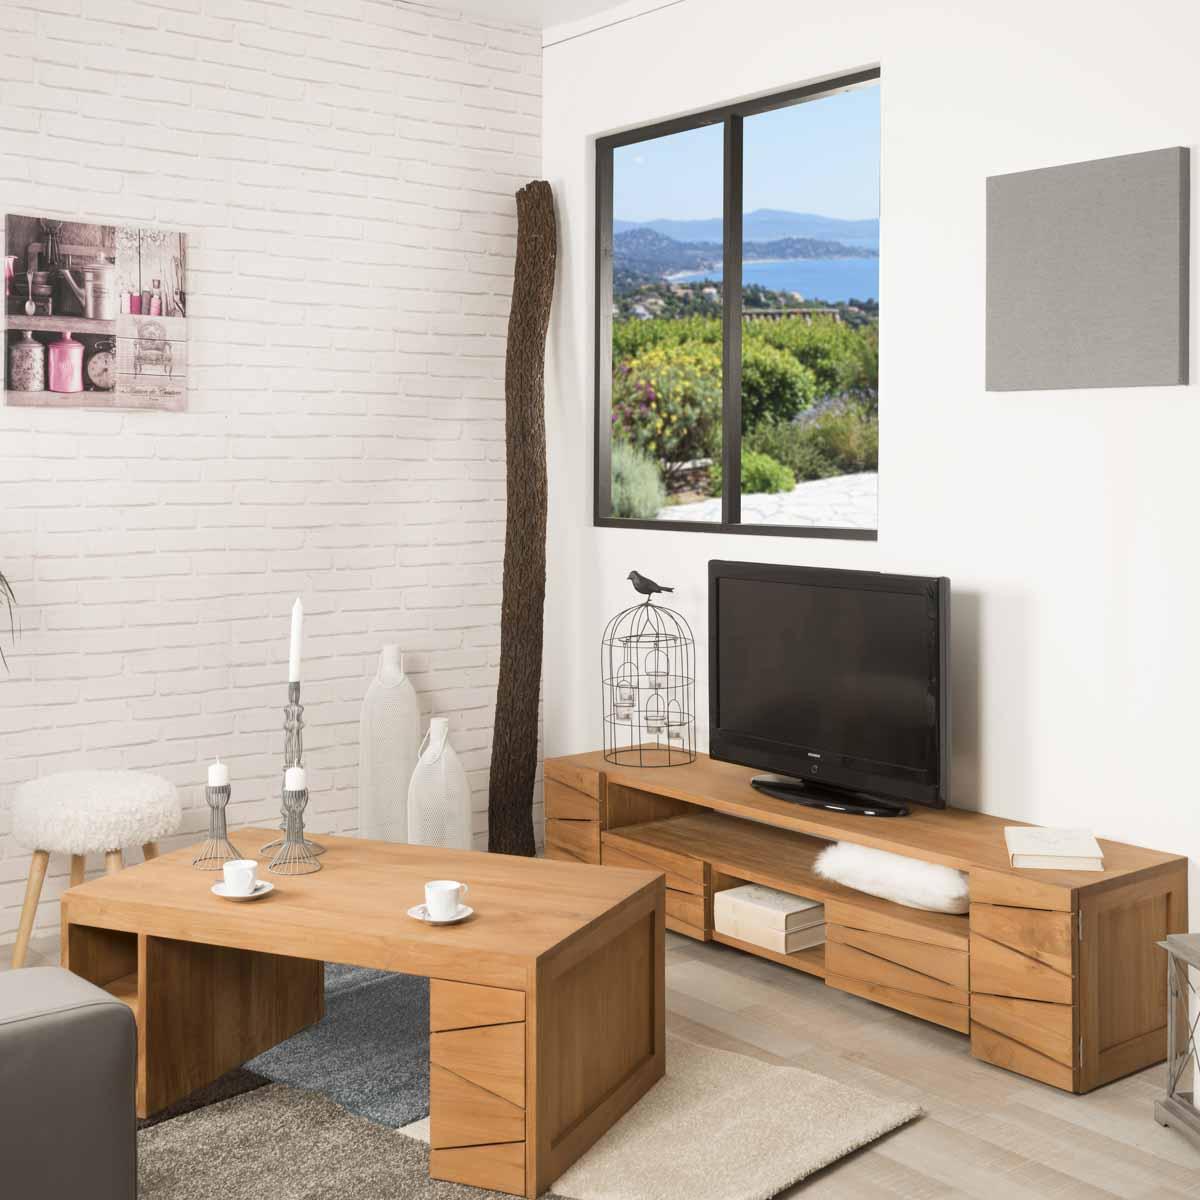 Table de salon rectangulaire en teck s r nit 100 x 60 - Table de salon rectangulaire ...